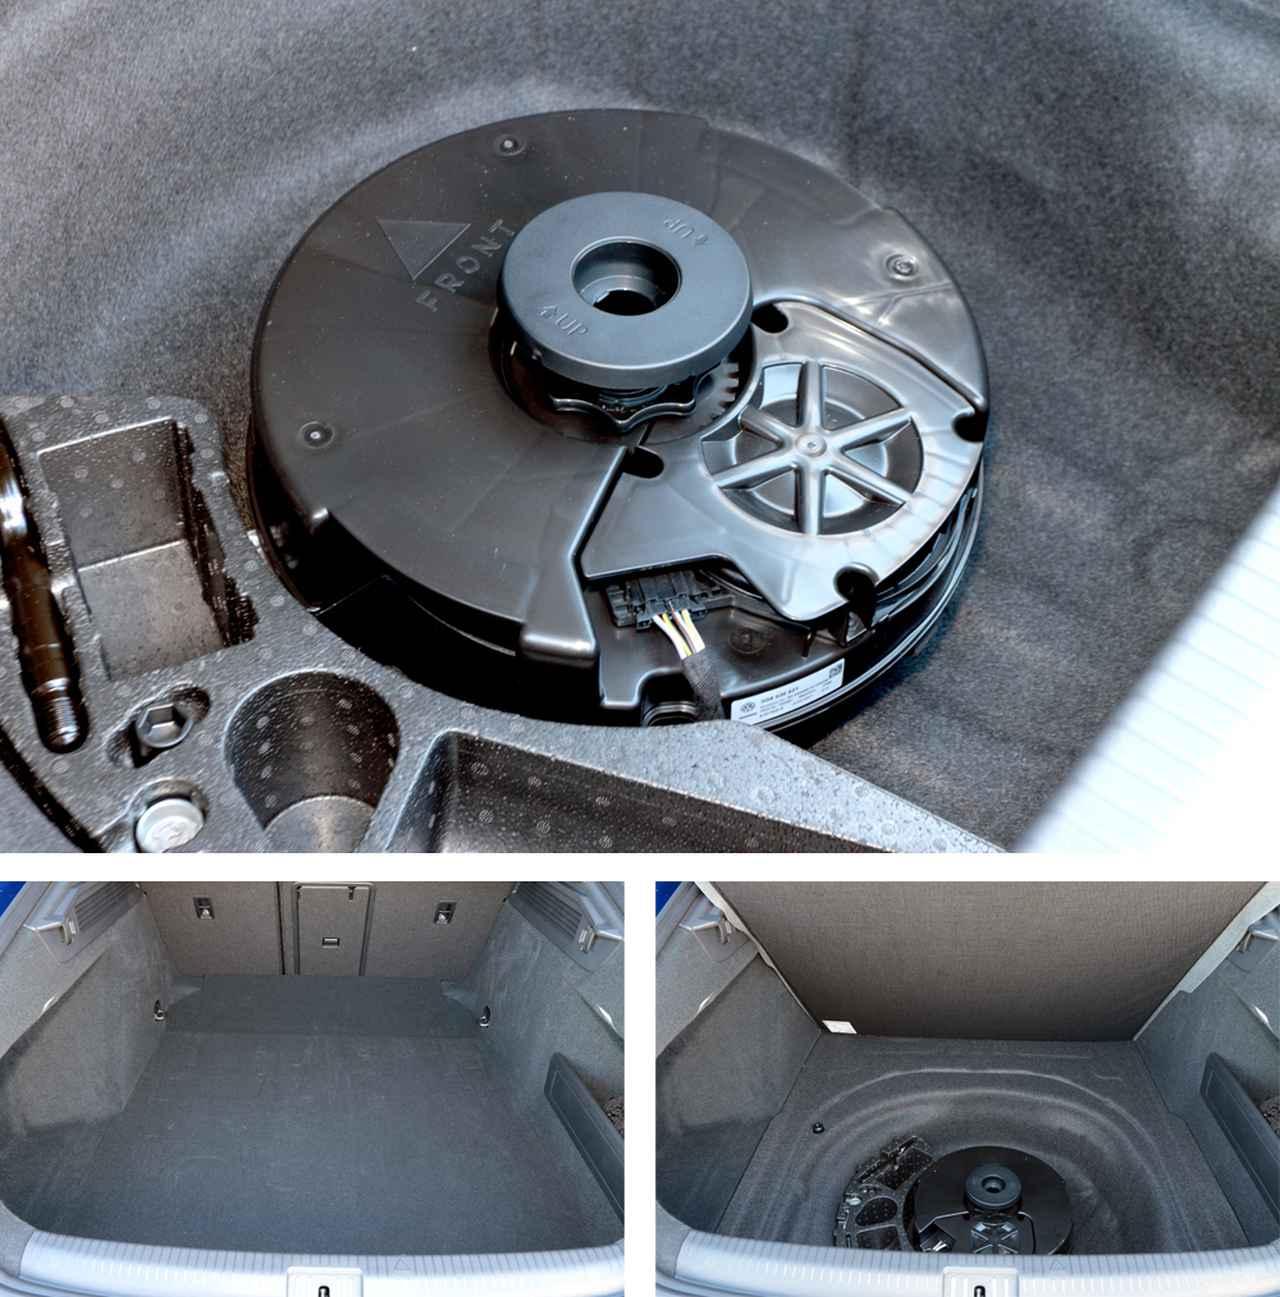 画像: テールゲートを開けると、広大なラゲッジが出現。そのフロア部、スペアタイヤ搭載スペースに搭載できるサブウーファーユニットが納められる。バンドパスタイプと思われるエンクロージュアには、160mm口径のユニットが採用されている。ポートの向きを正しくセッティングするため、天面には「▲FRONT」と固定方向を示すマーカーが表示されている。